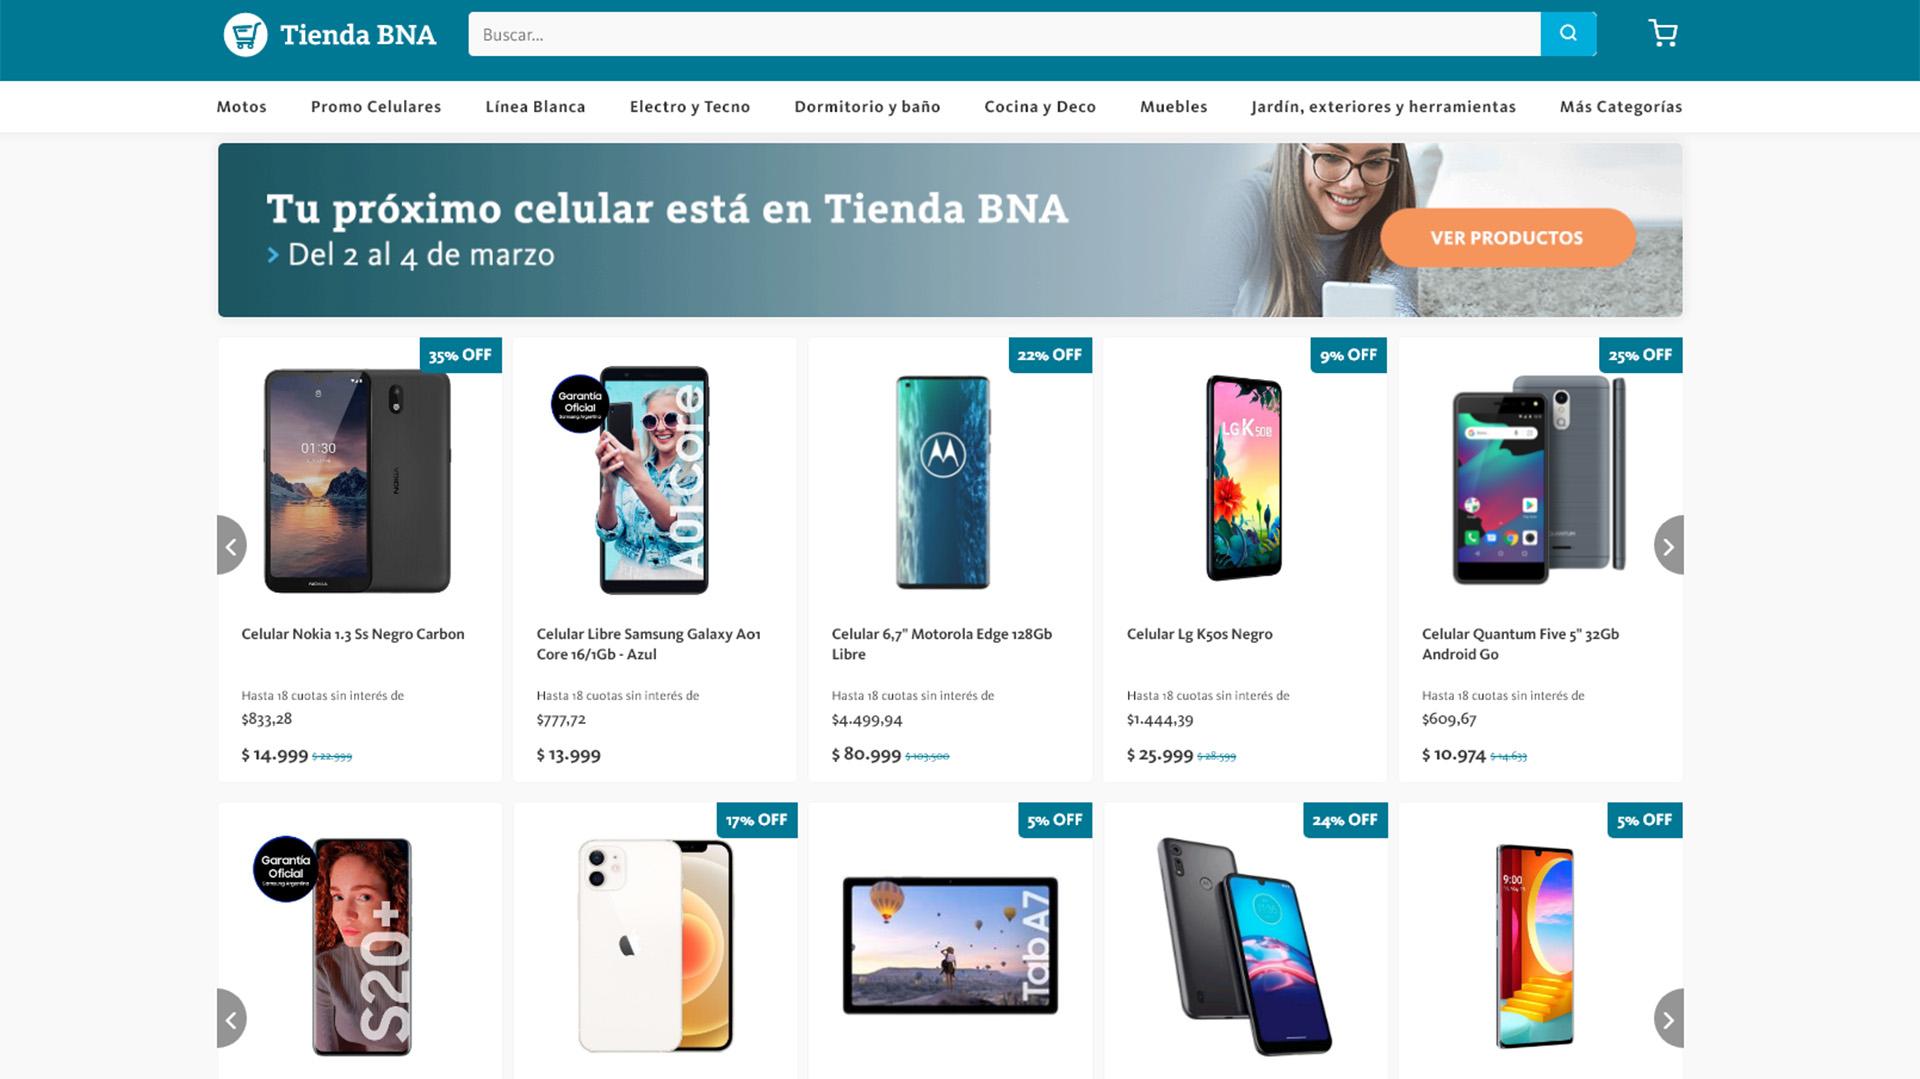 El Banco Nación lanza promoción para la compra de teléfonos celulares en 18 cuotas sin interés: ¿Cuáles son?